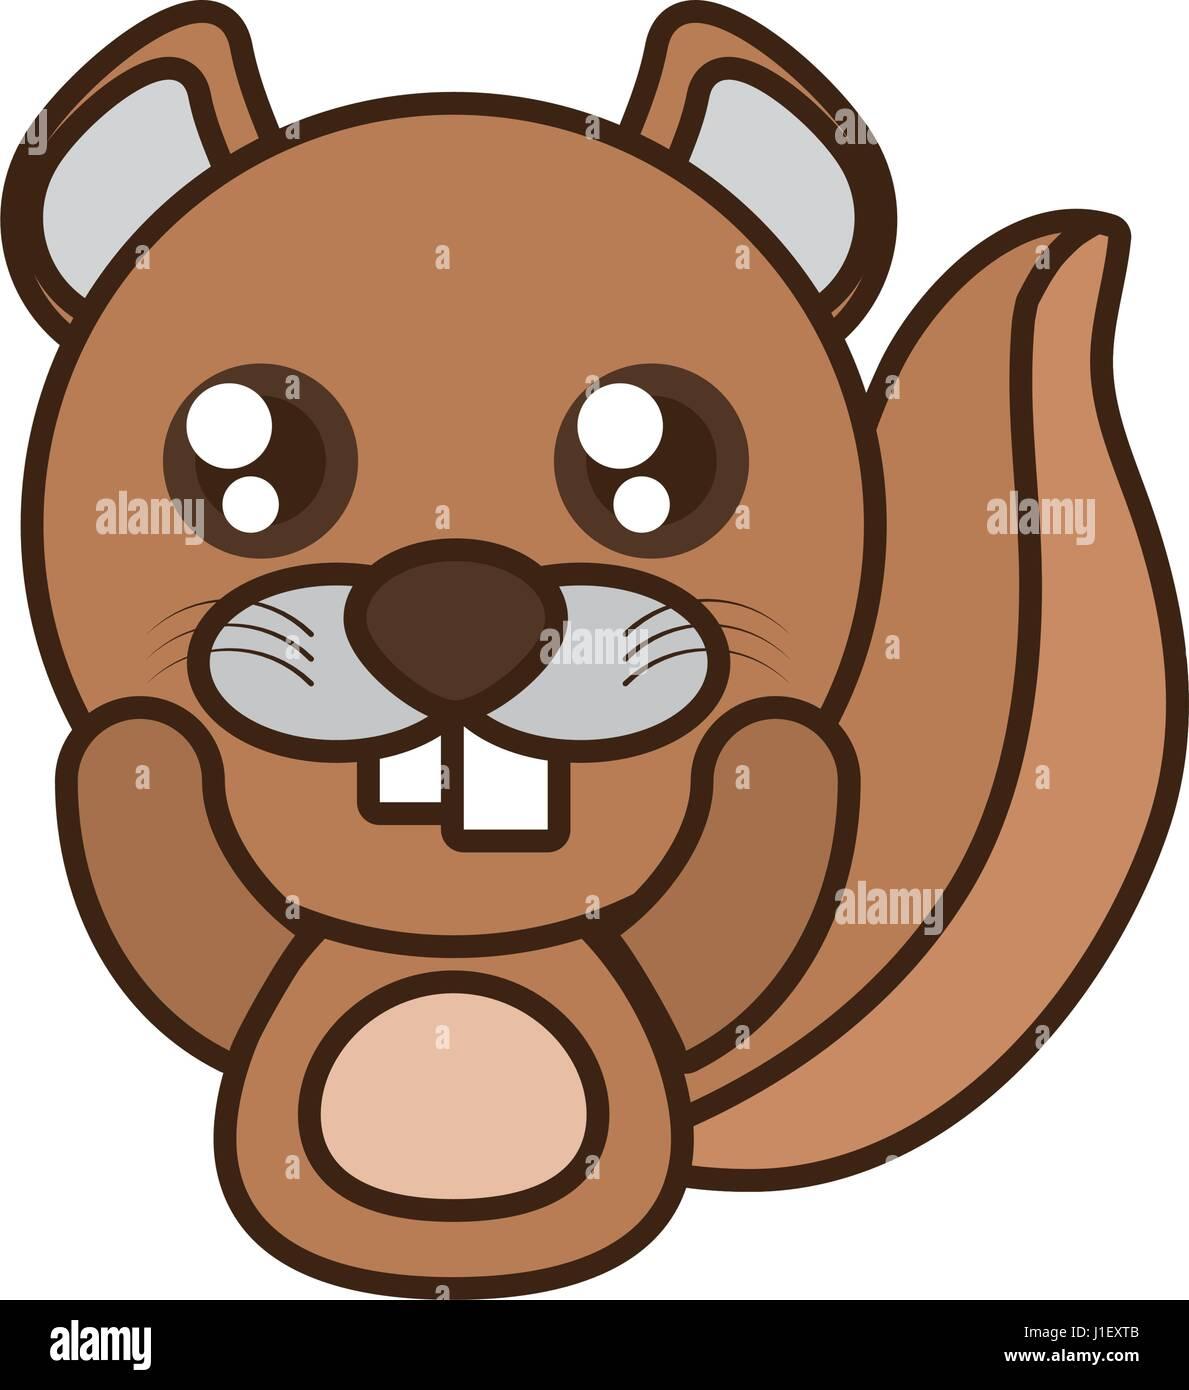 cute smile beaver cartoon stock photos u0026 cute smile beaver cartoon